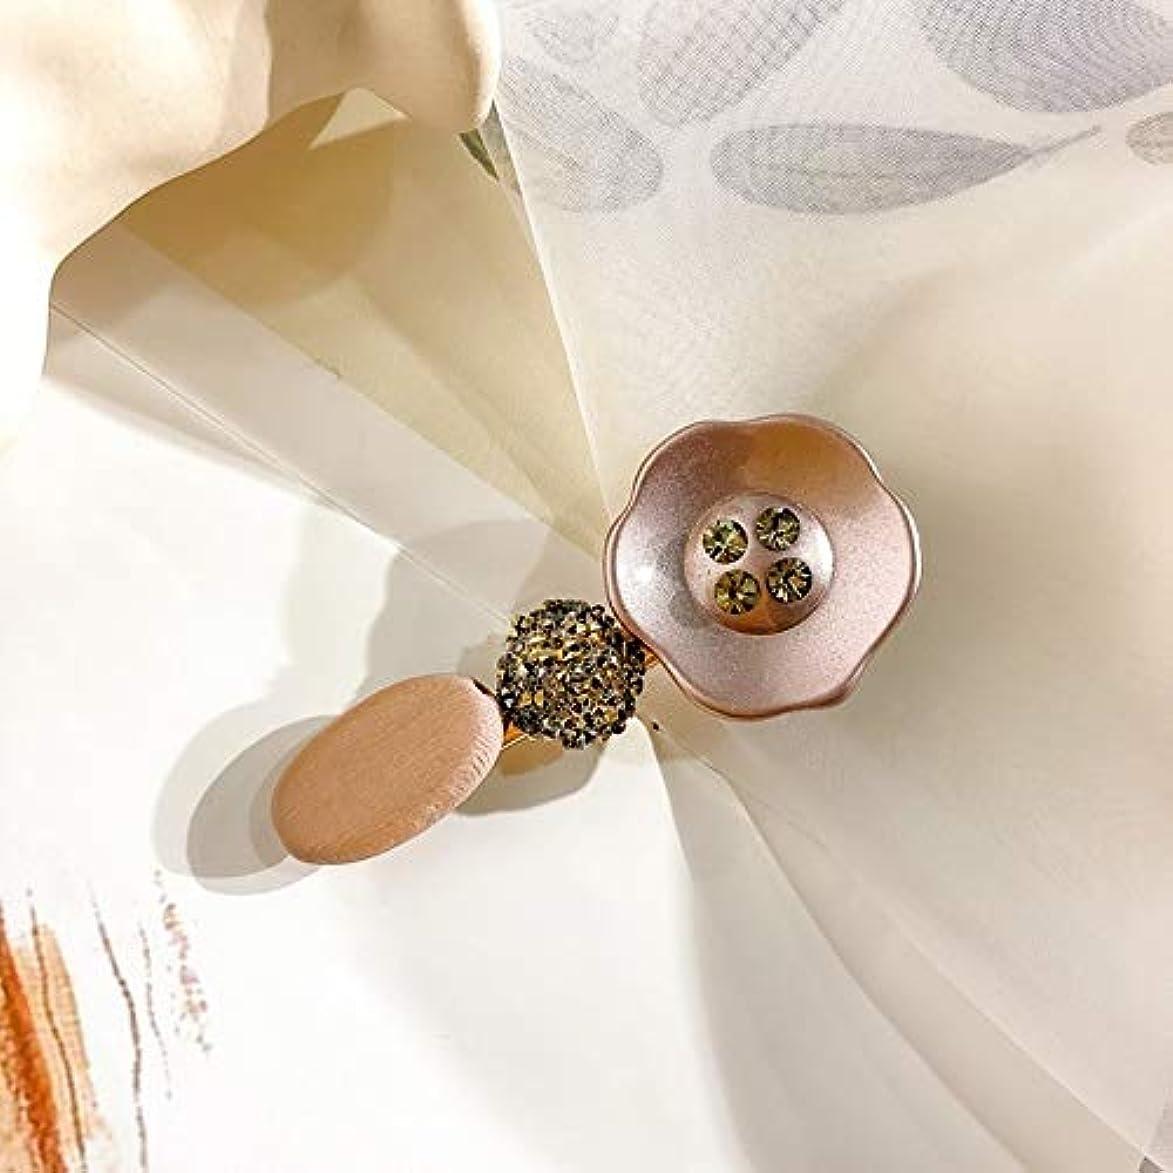 付き添い人内なる装置JEWERYYINT 2個ヘアーバレッタレトロフレンチラインストーン髪のピン留めエレガントなハンドメイドのヘアピンギフトのための誕生日パーティー結婚式デイリー (Color : D)